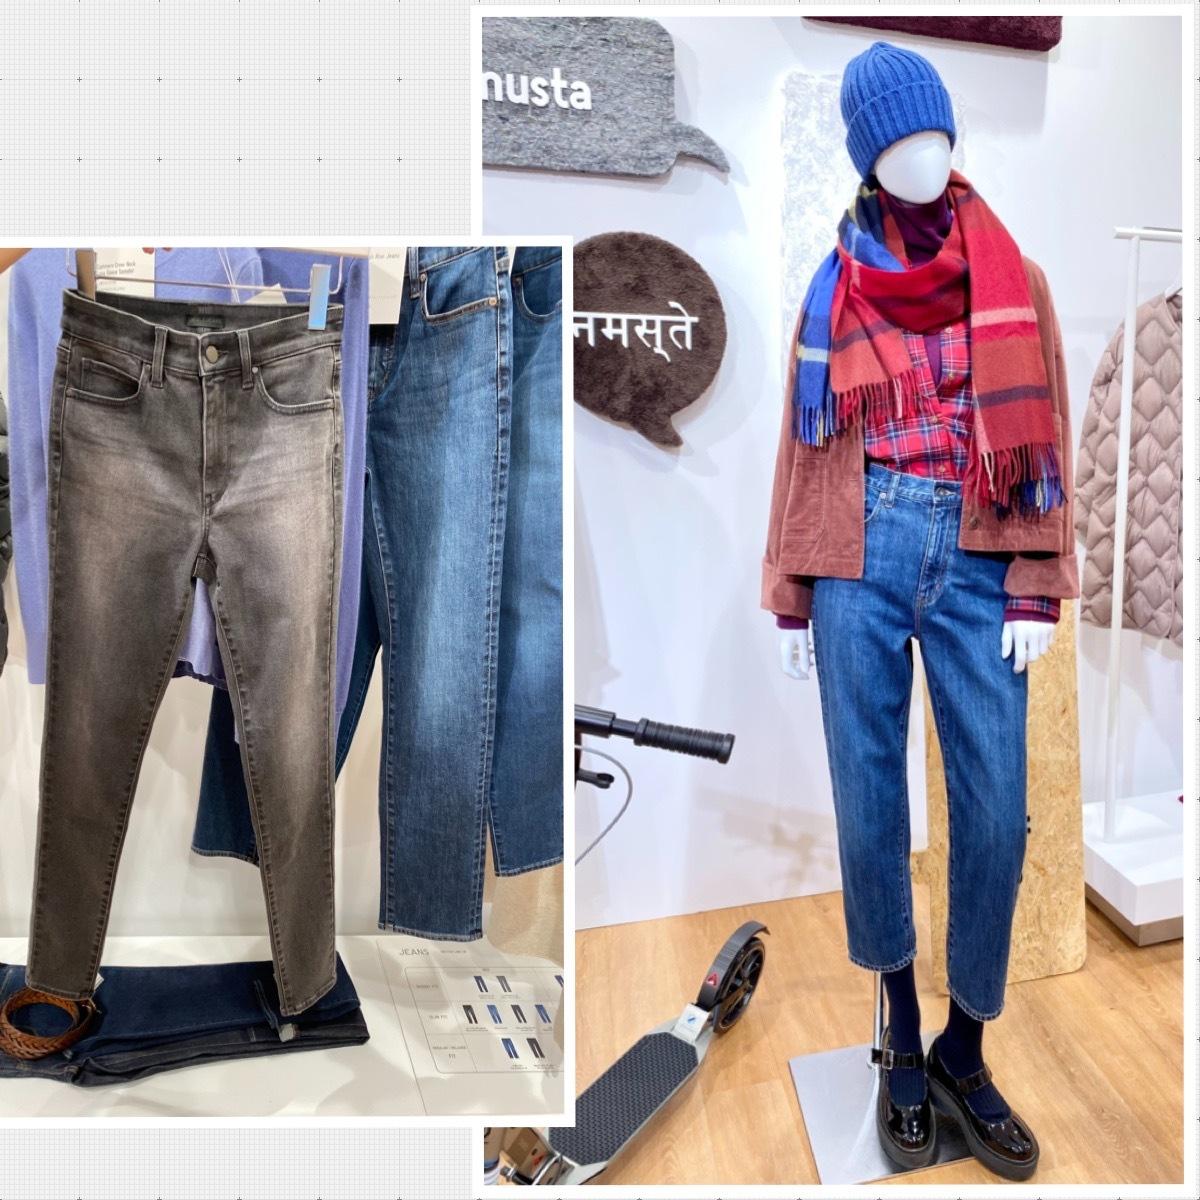 ユニクロ UNIQLO 2021 2022 秋冬 展示会 レポート 新作 おすすめ パンツ デニム ジーンズ ハイライズ 履きやすい